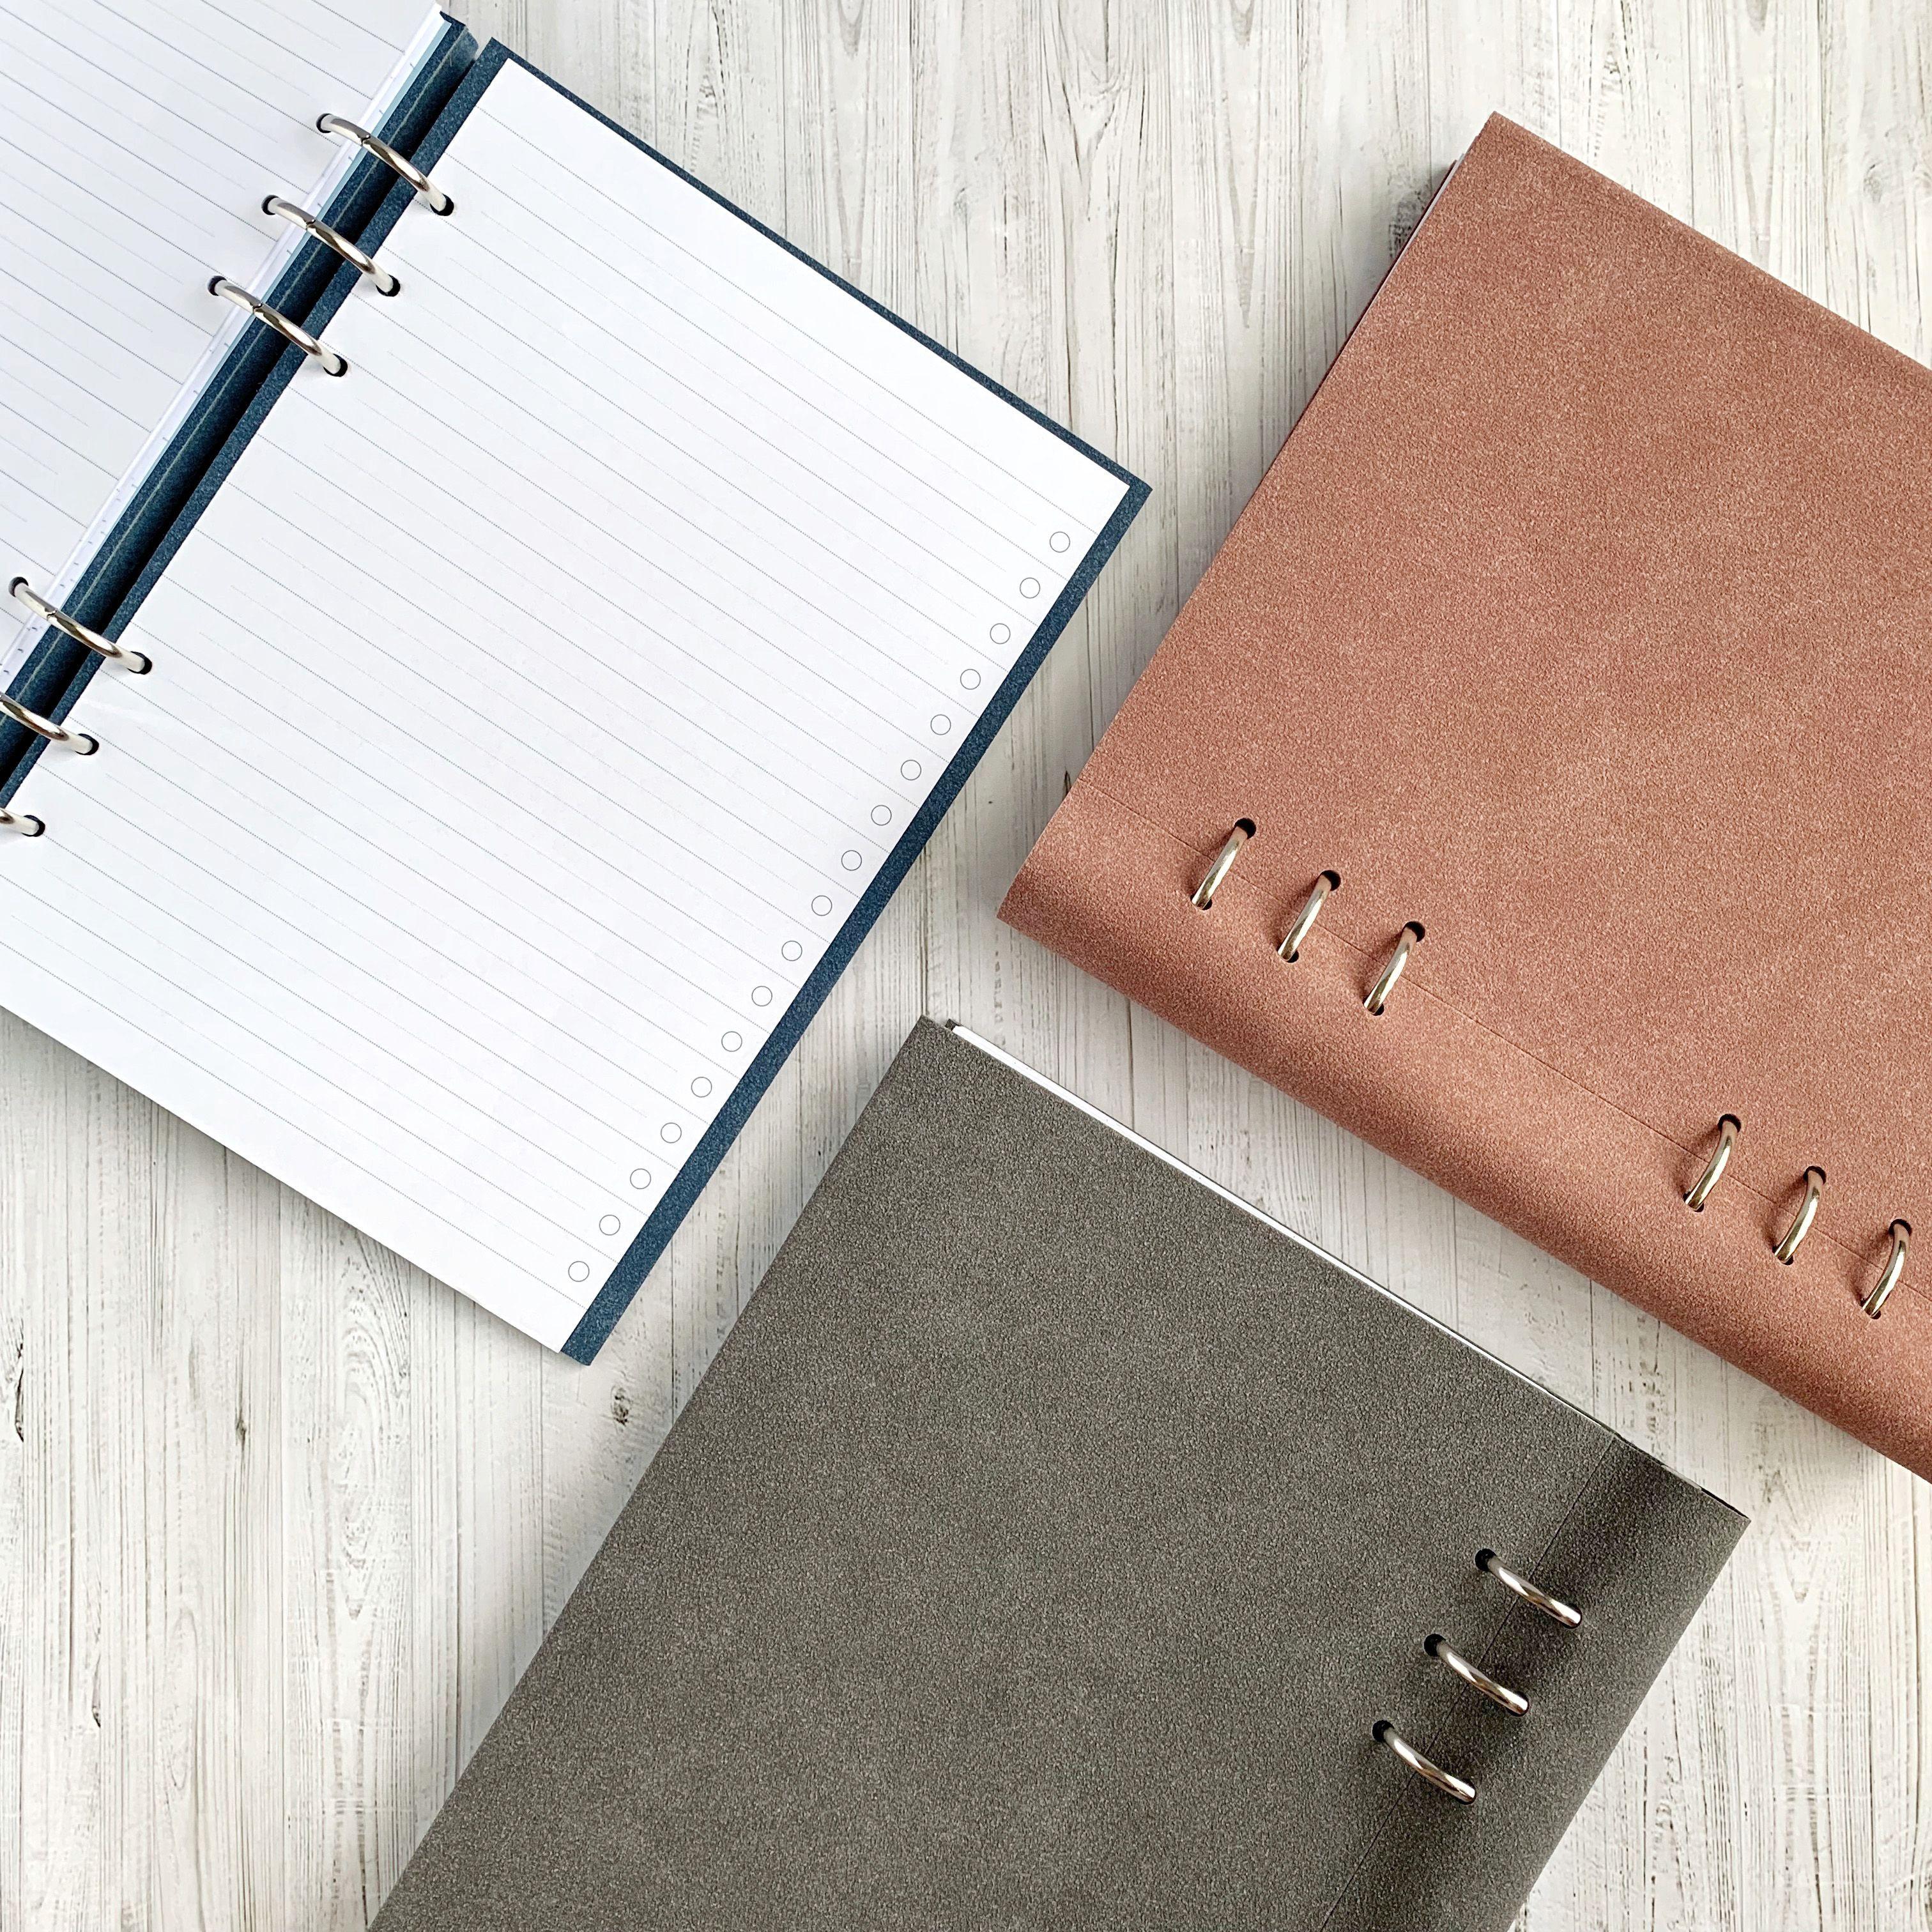 Agenda Clipbook Architexture cu inel si rezerve A5 Concrete FILOFAX